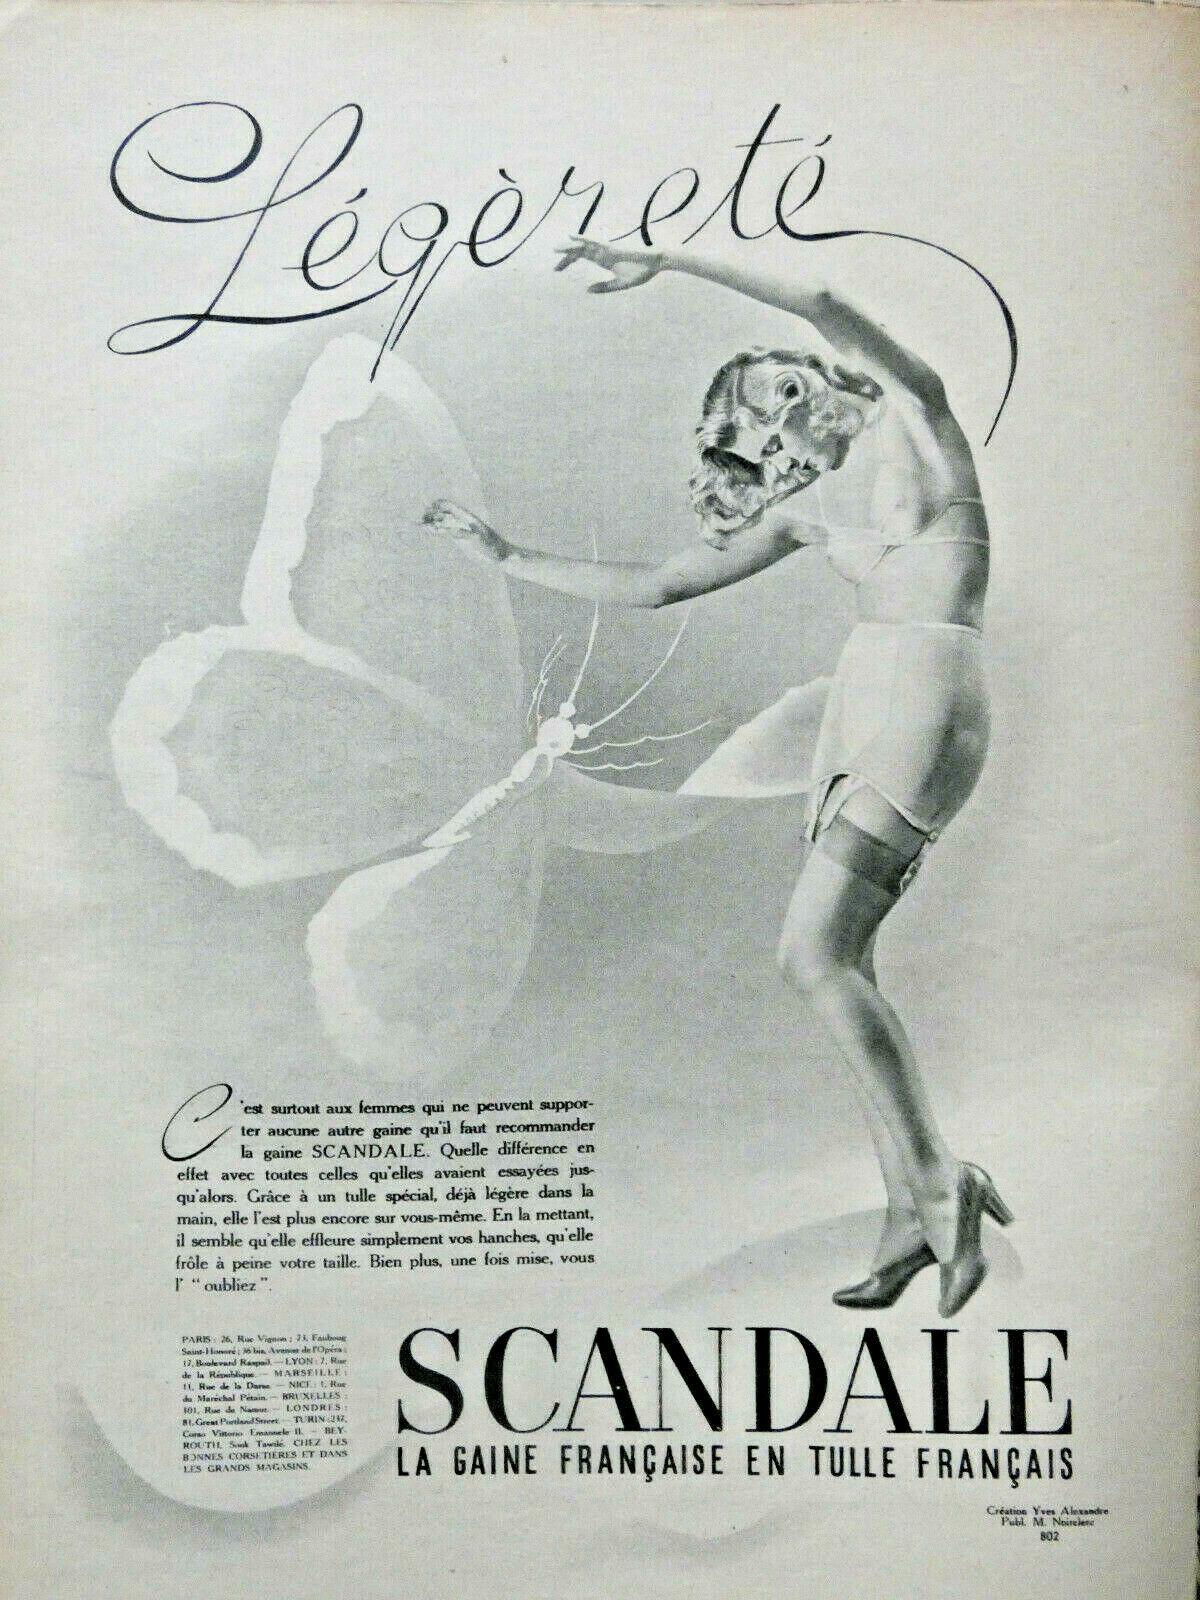 scandale 1940-starr legerete